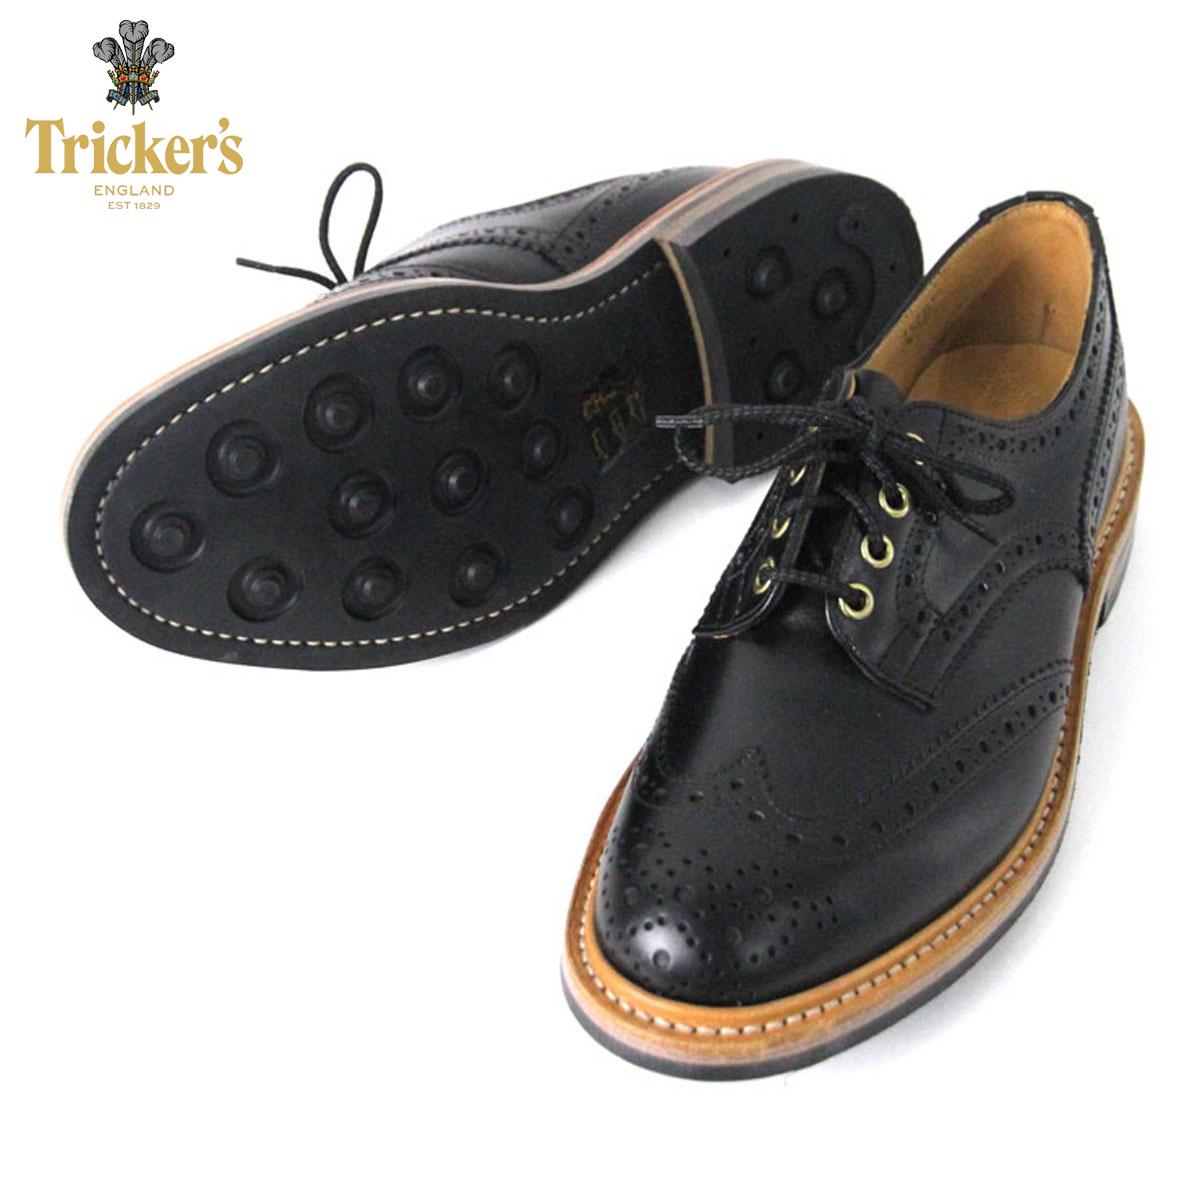 トリッカーズ TRICKERS 正規販売店 カントリーシューズ TRICKER'S M7292 WING TIP SHOES BLACK D20S30 父の日